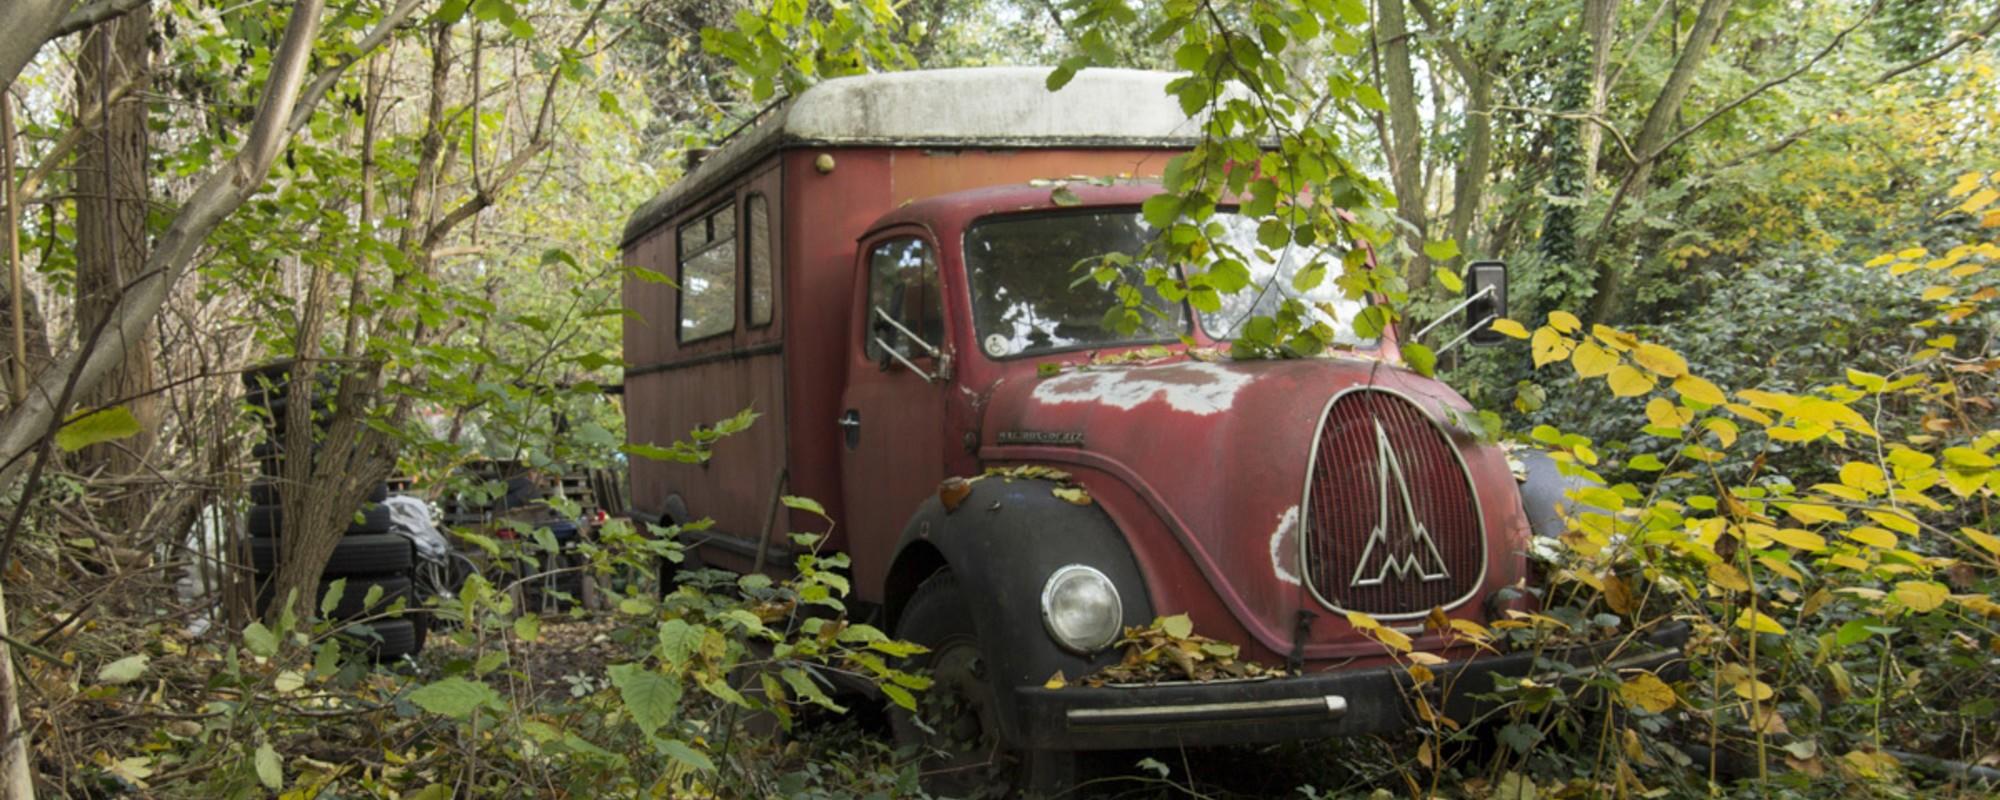 De gezellige troep van mensen die in woonwagens en oude bussen wonen